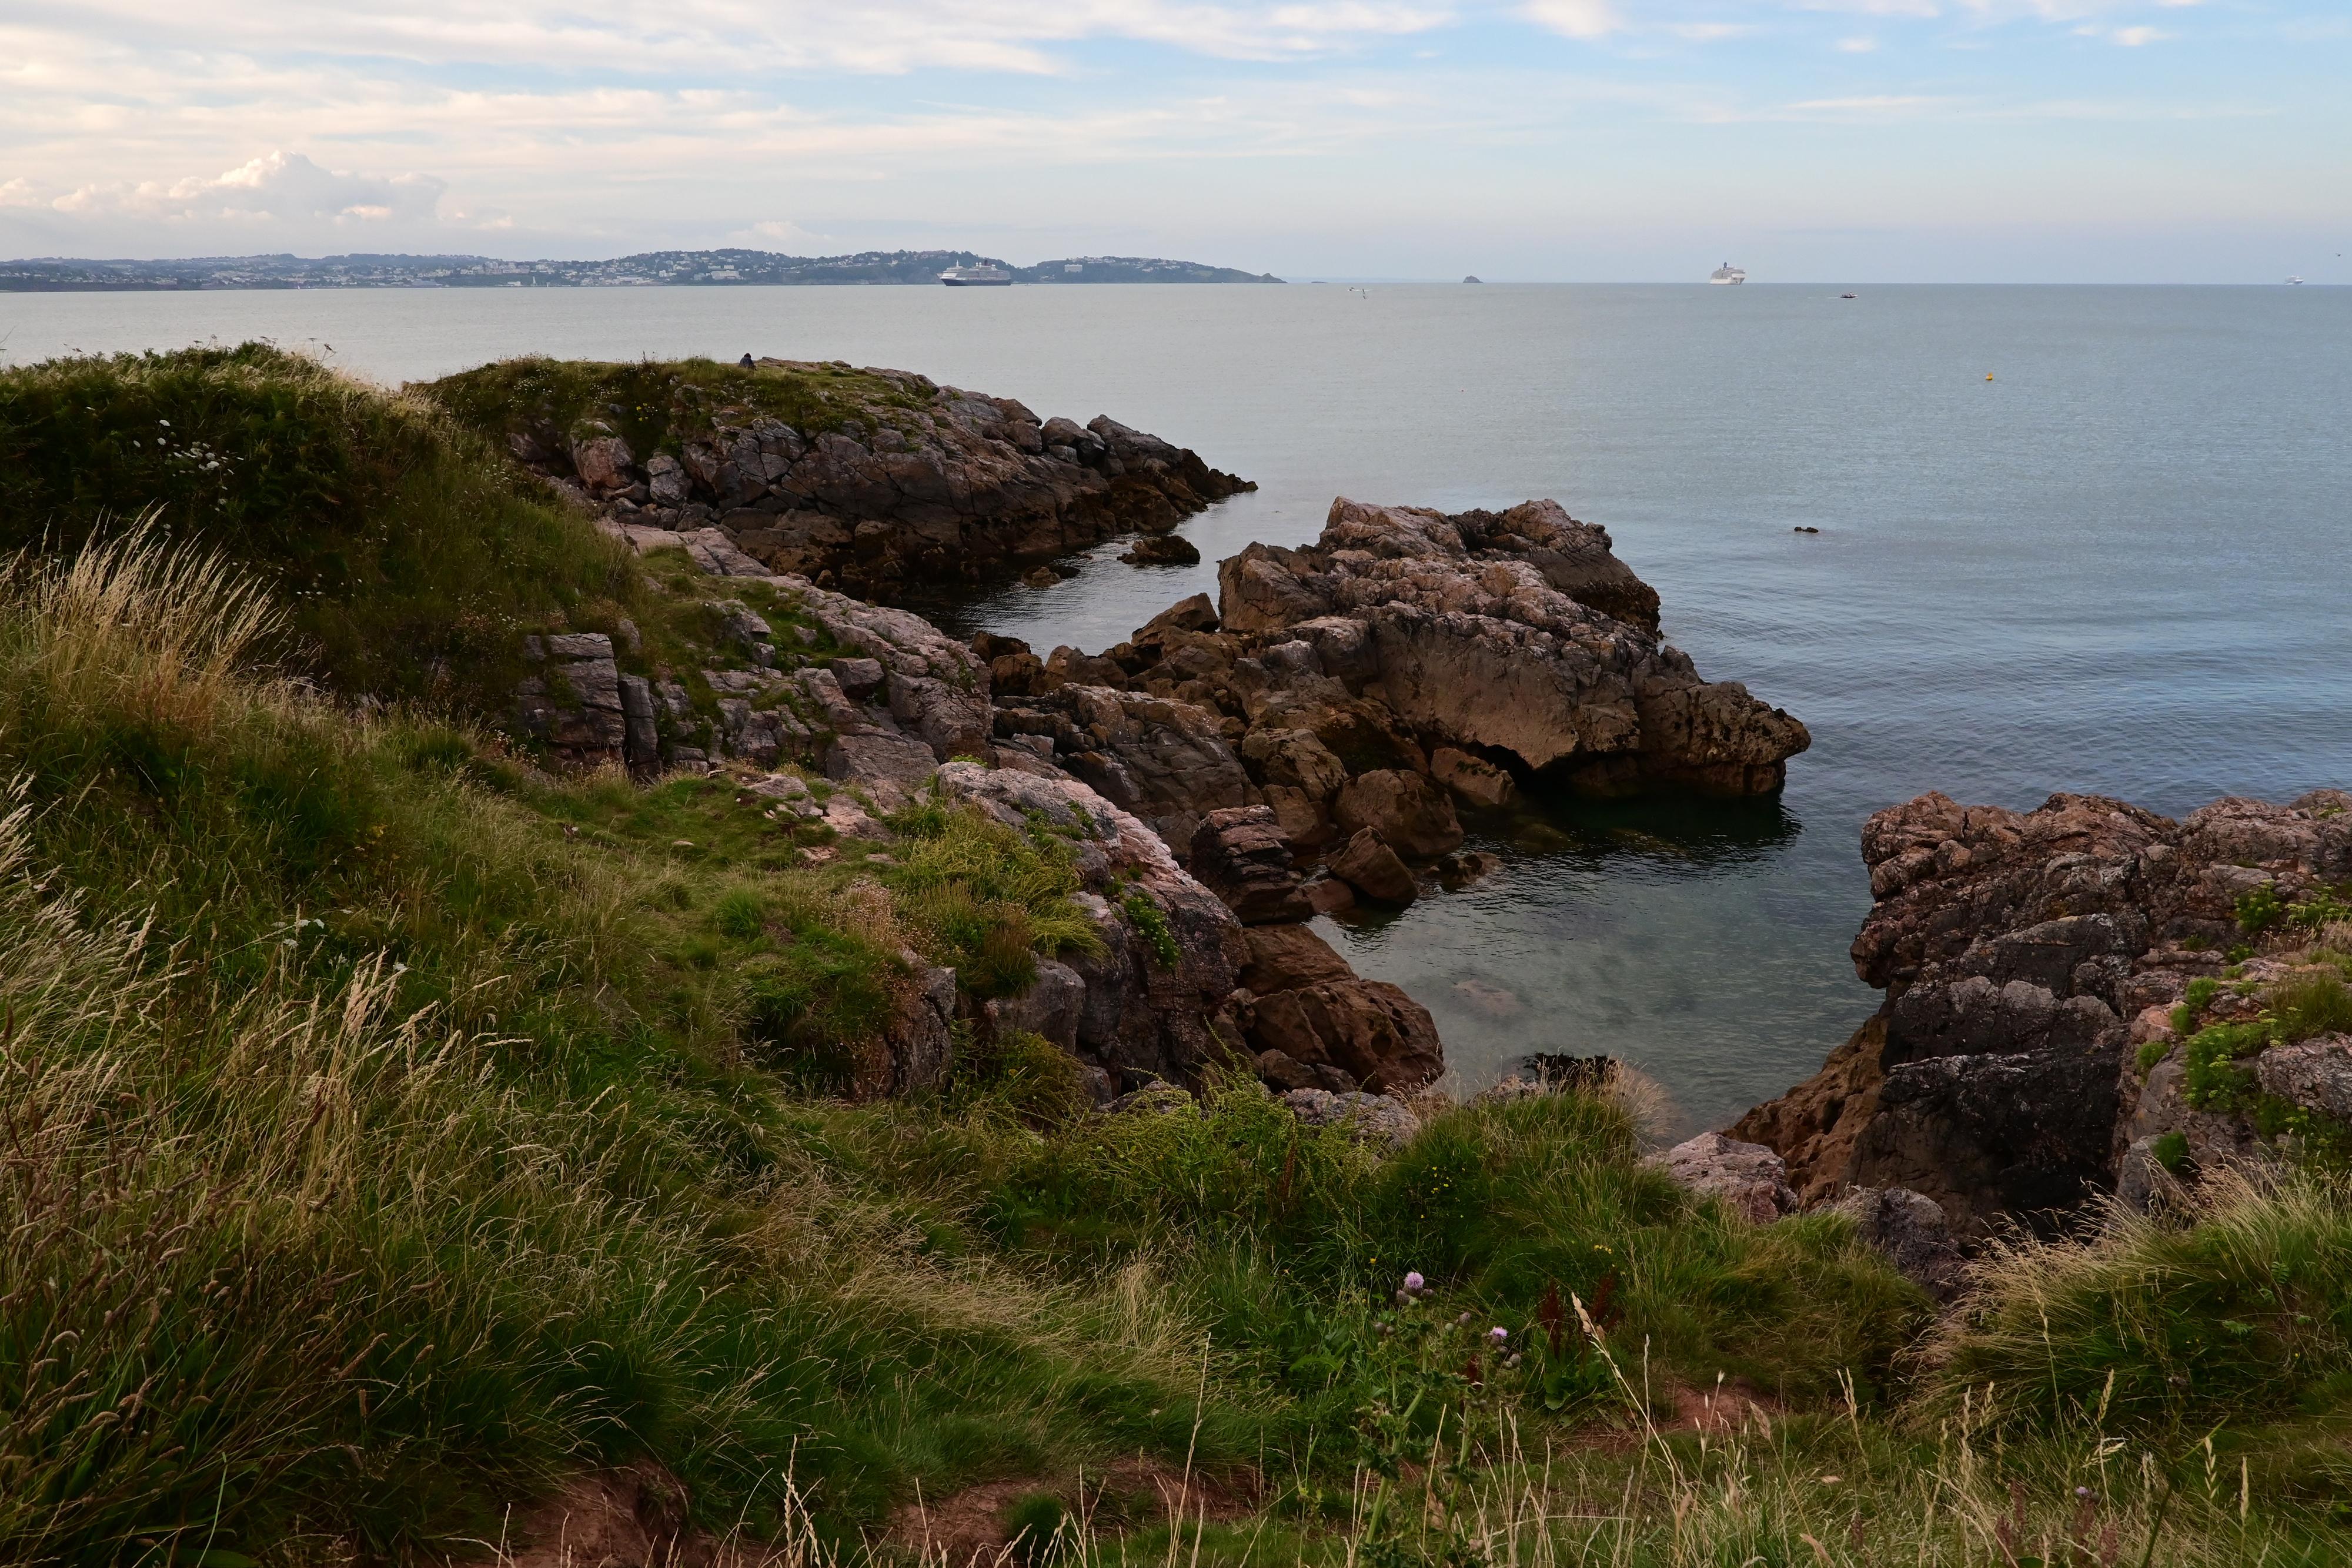 Grassy coastline in front of the sea